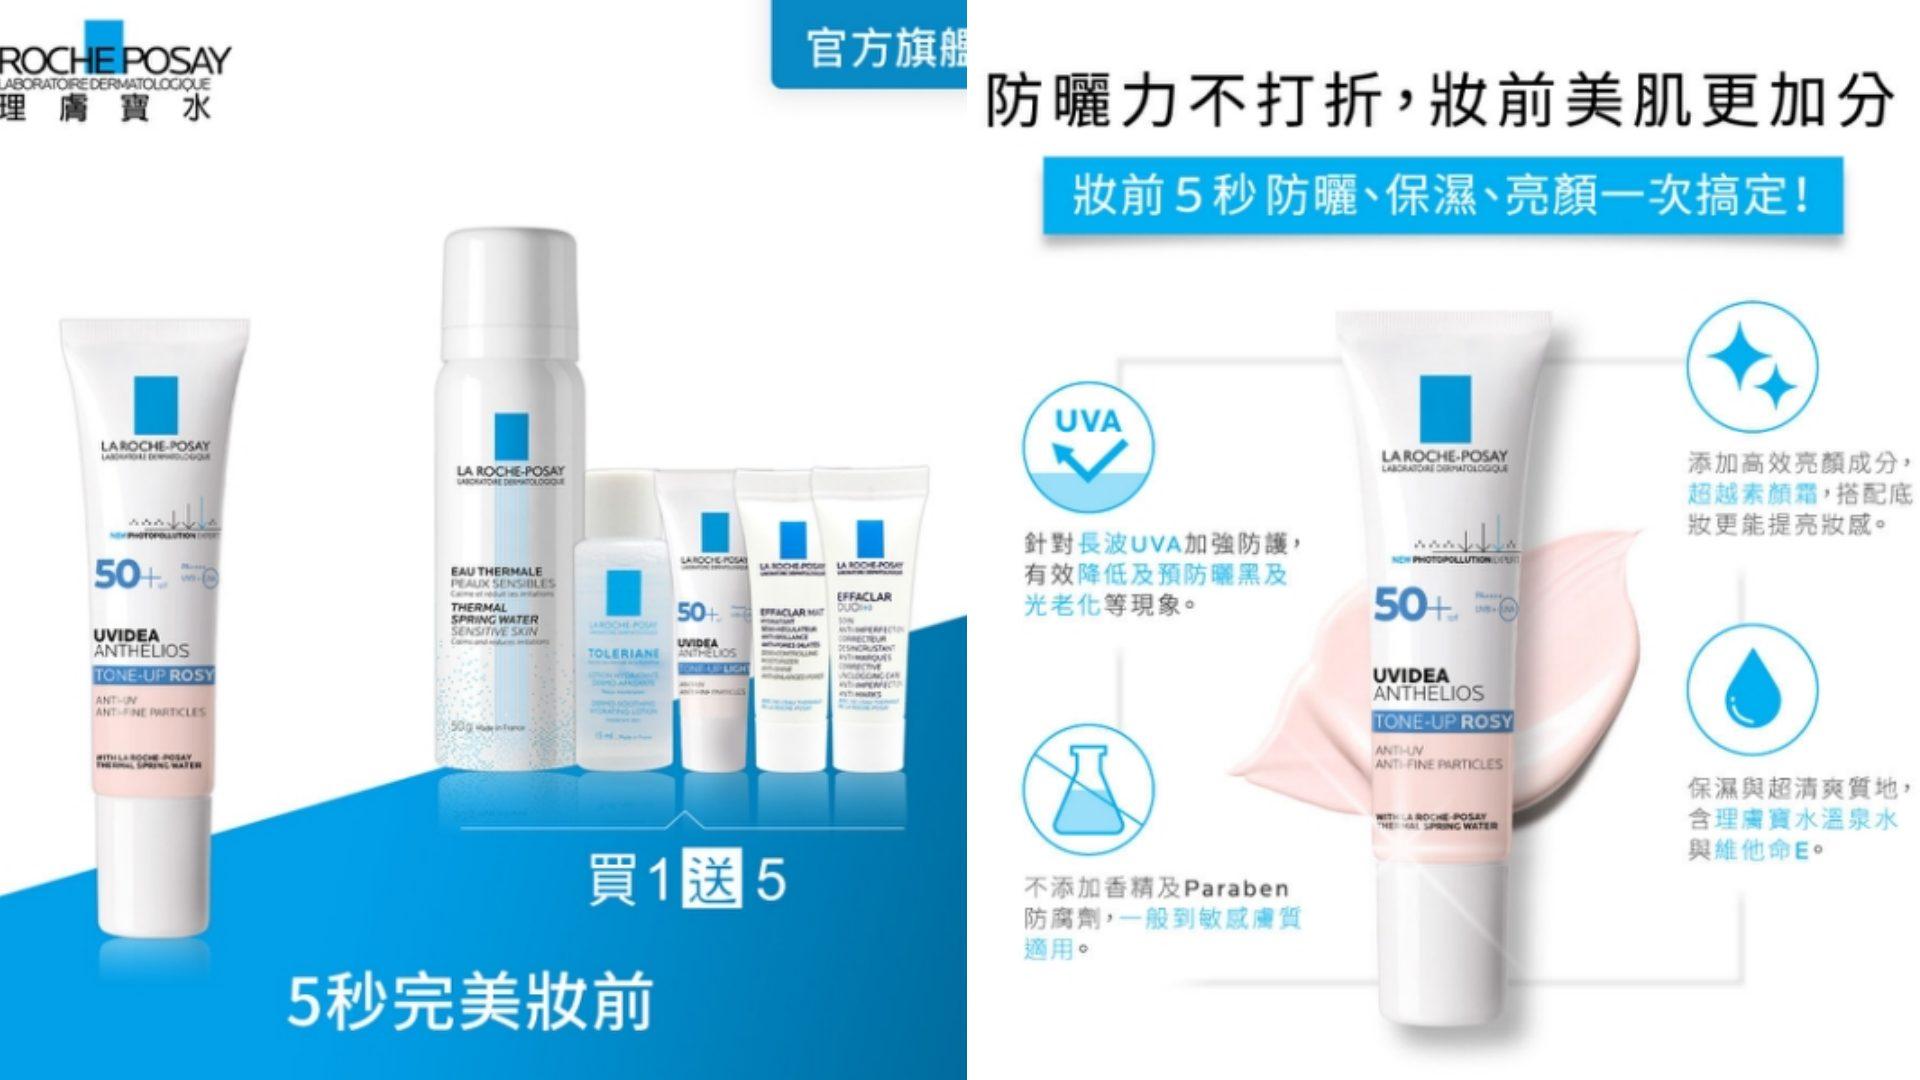 這罐只要妝前5秒使用,就能防曬、保濕、亮顏一次搞定,可當妝前乳使用,輕鬆打造健康亮顏肌